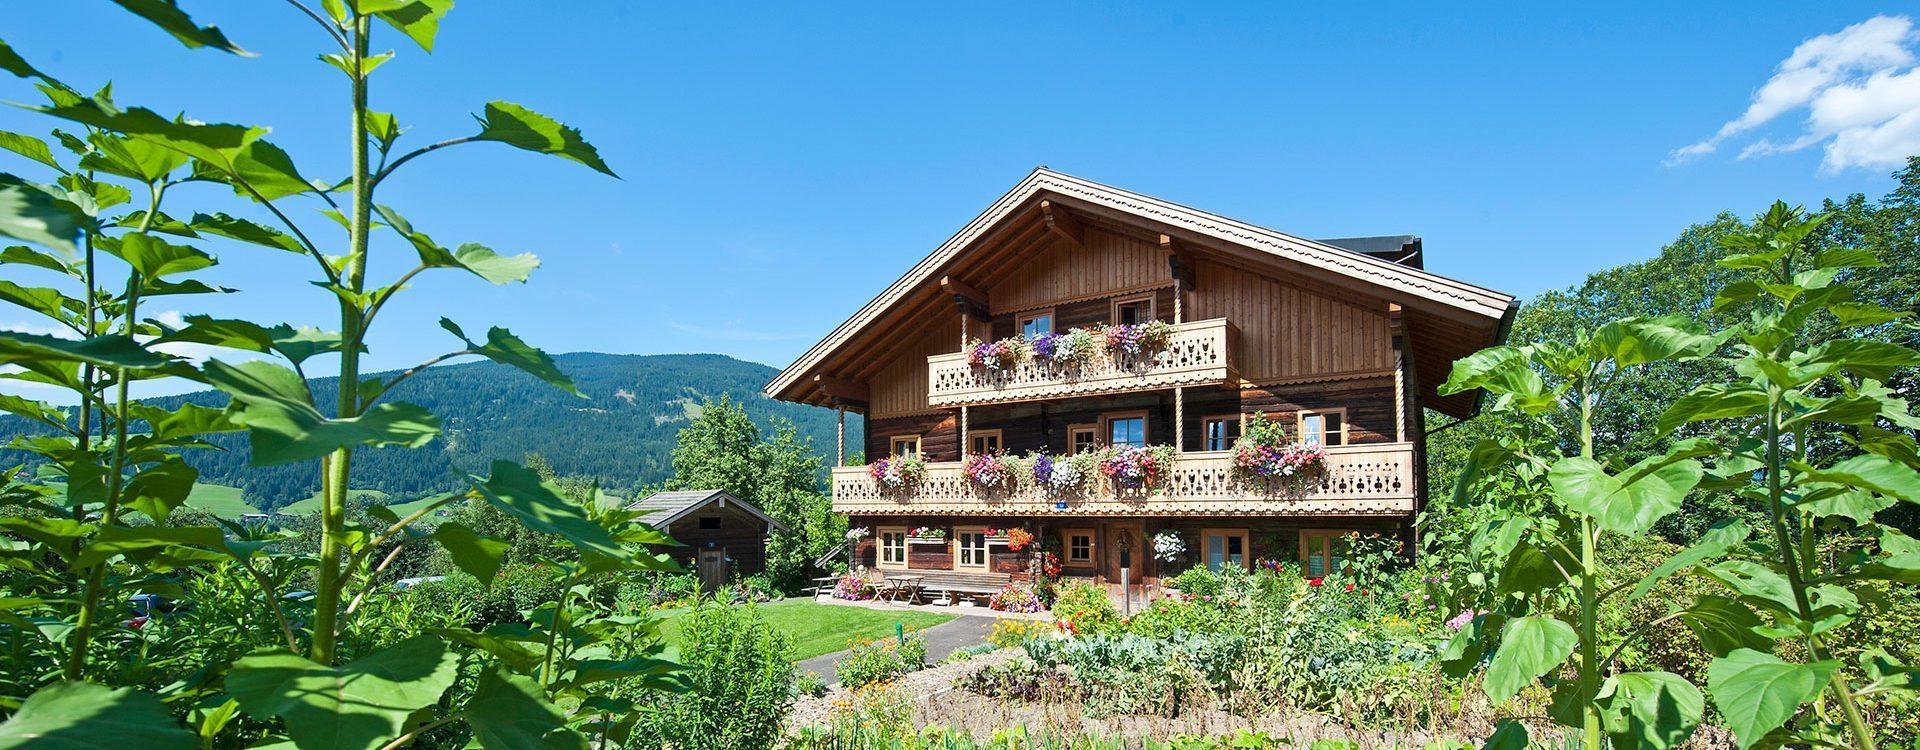 Impressionen - Urlaub am Bauernhof in Altenmarkt-Zauchensee, Salzburger Land